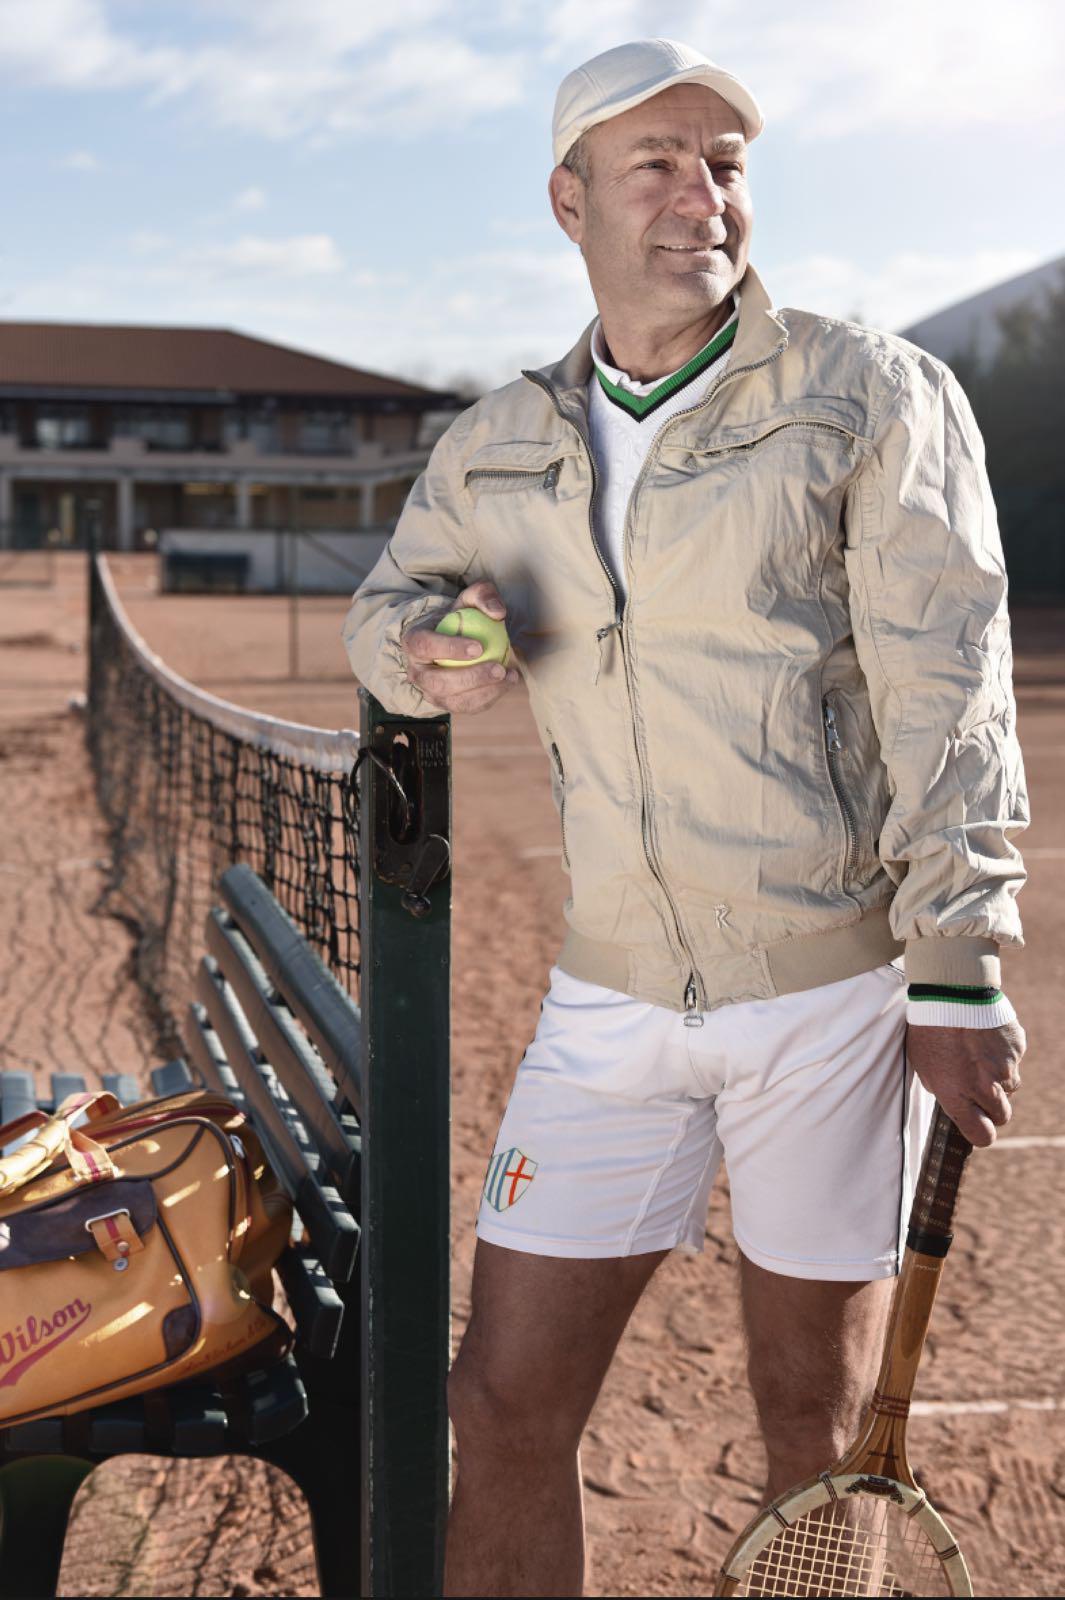 Umberto Bedolo Maestro Nazionale FIT, Istruttore di Cardio Tennis PTR